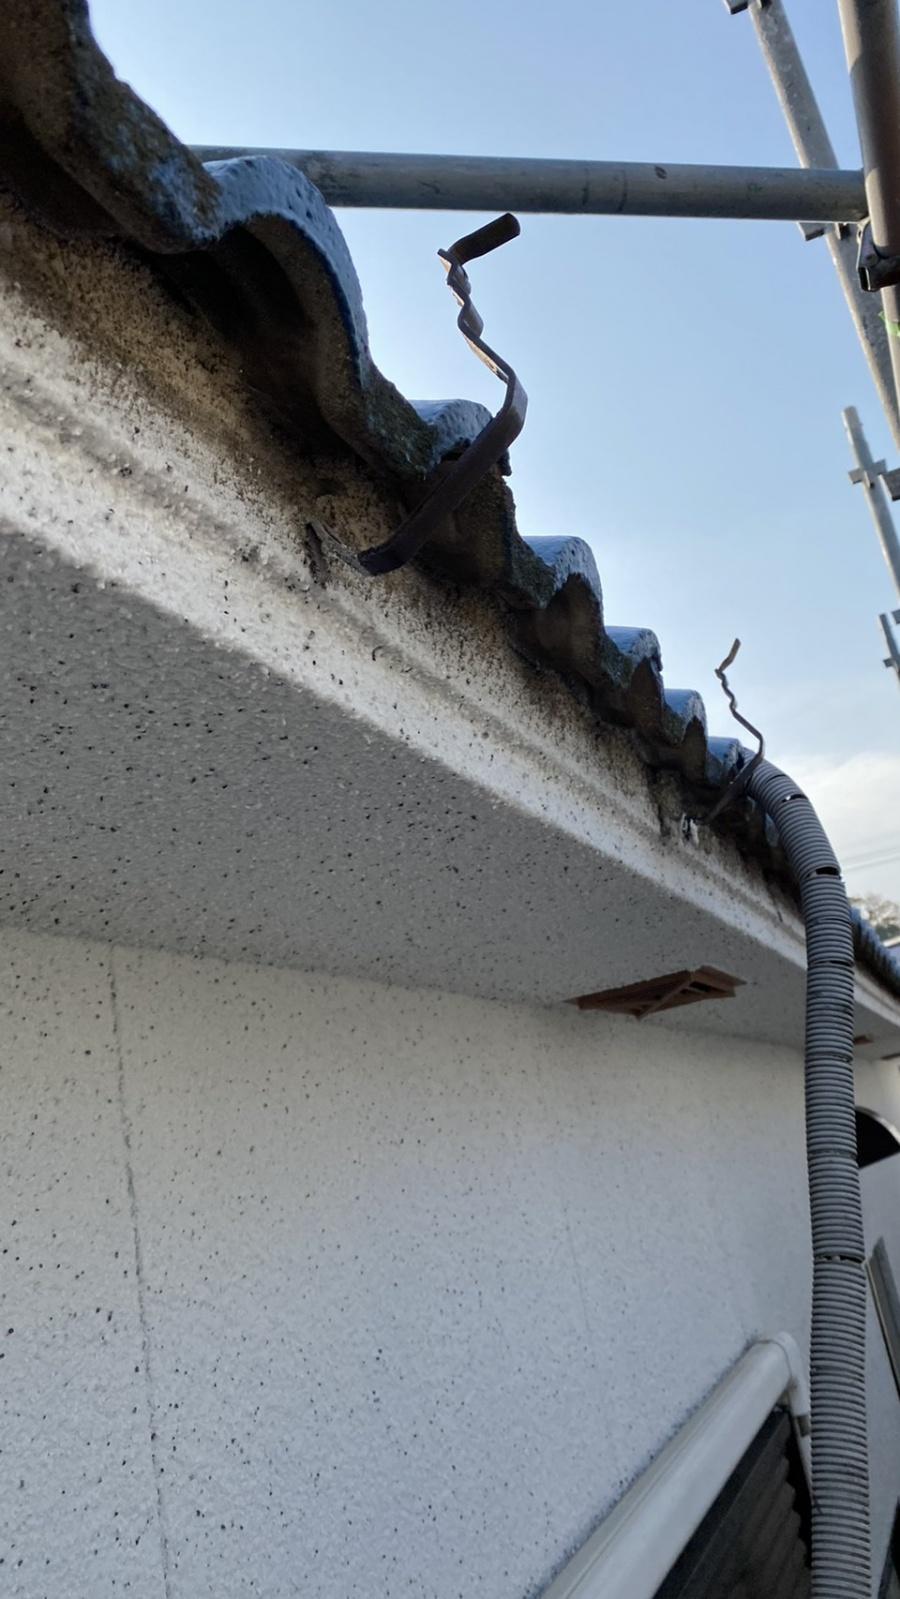 淡路市での雨樋修理で既存の雨樋を撤去した様子